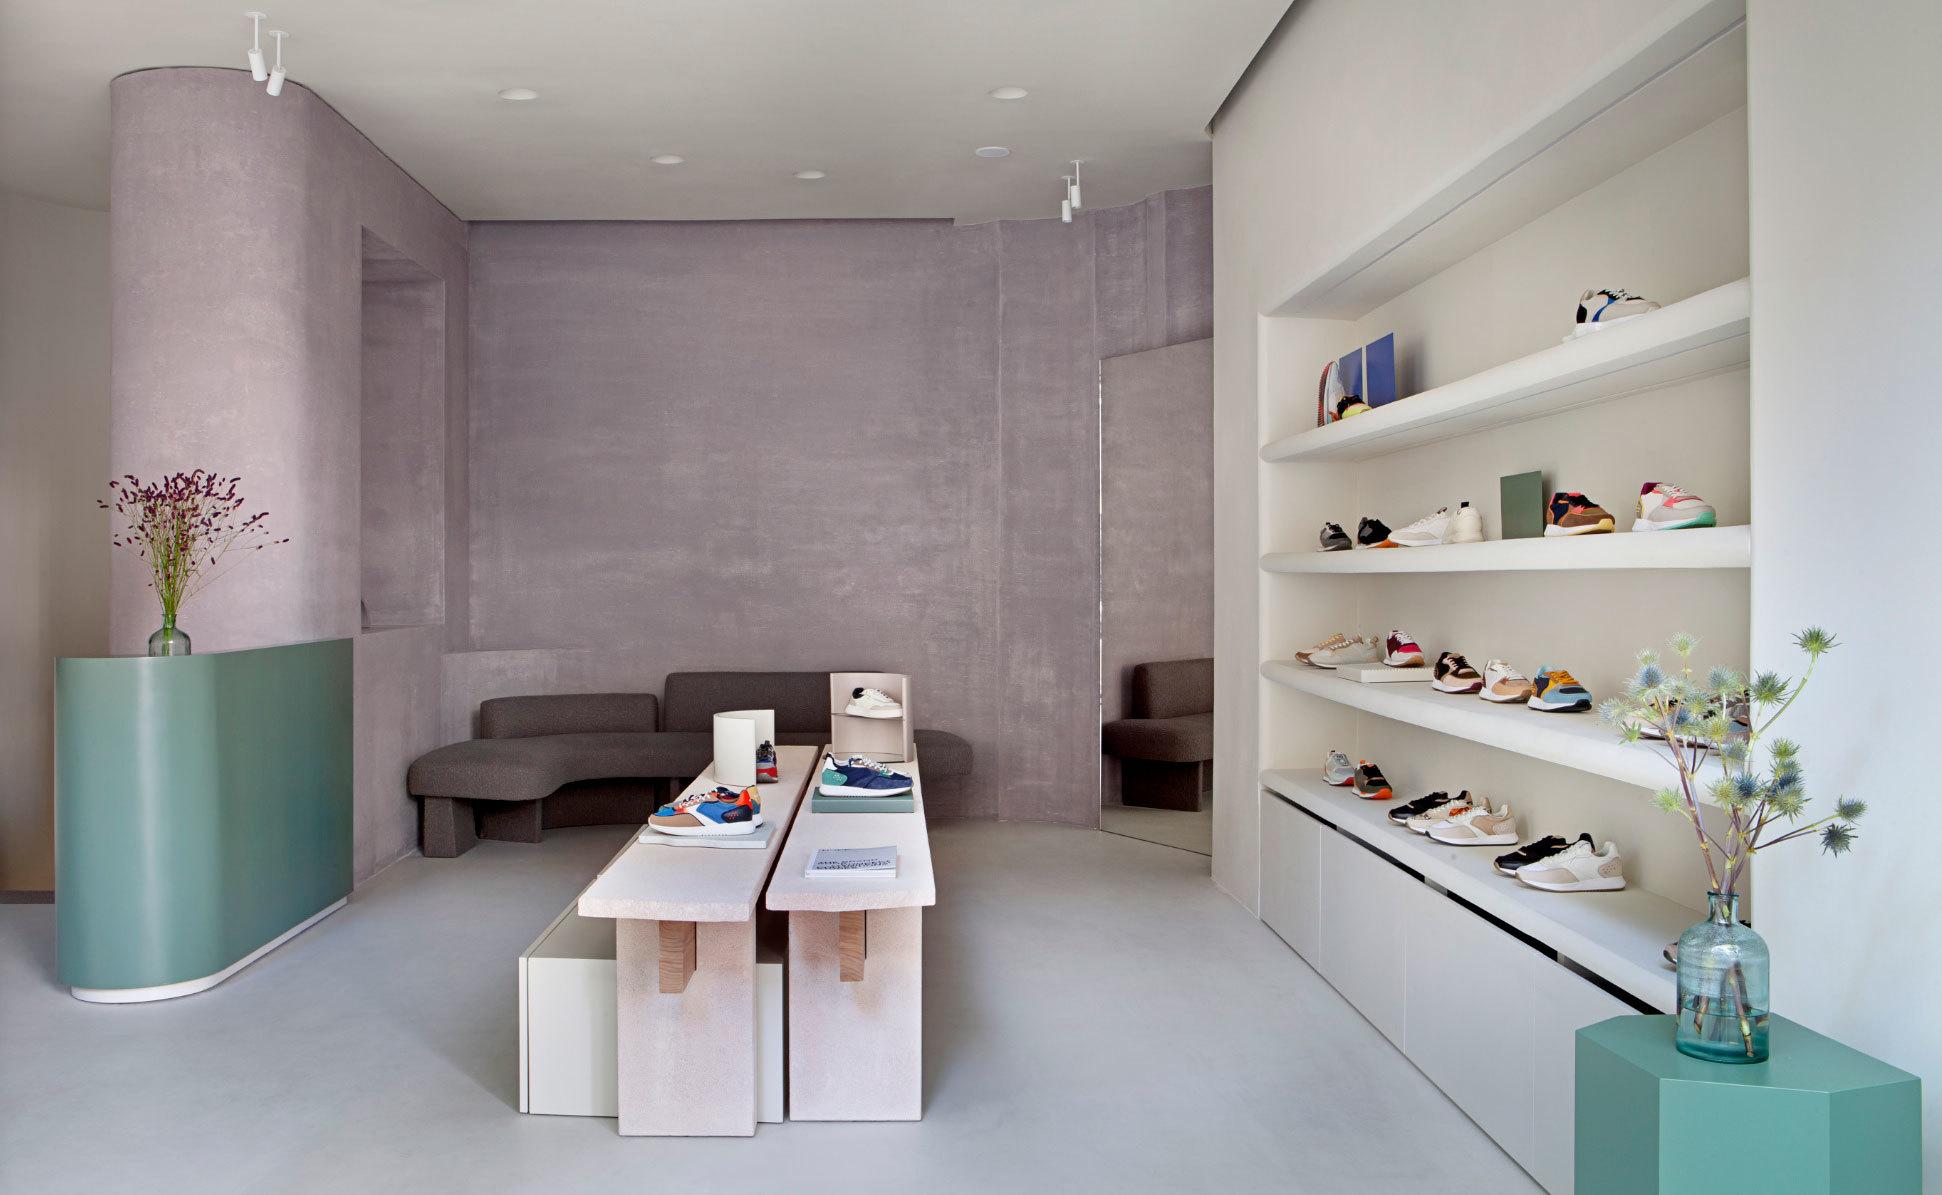 Wie eine Galerie wirkt der erste Flagshipstore der Sneakermarke Hoff in Madrid. Das Studio Ciszak Dalmas Ferrari richtete ihn mit facettenreichen Materialien ein.